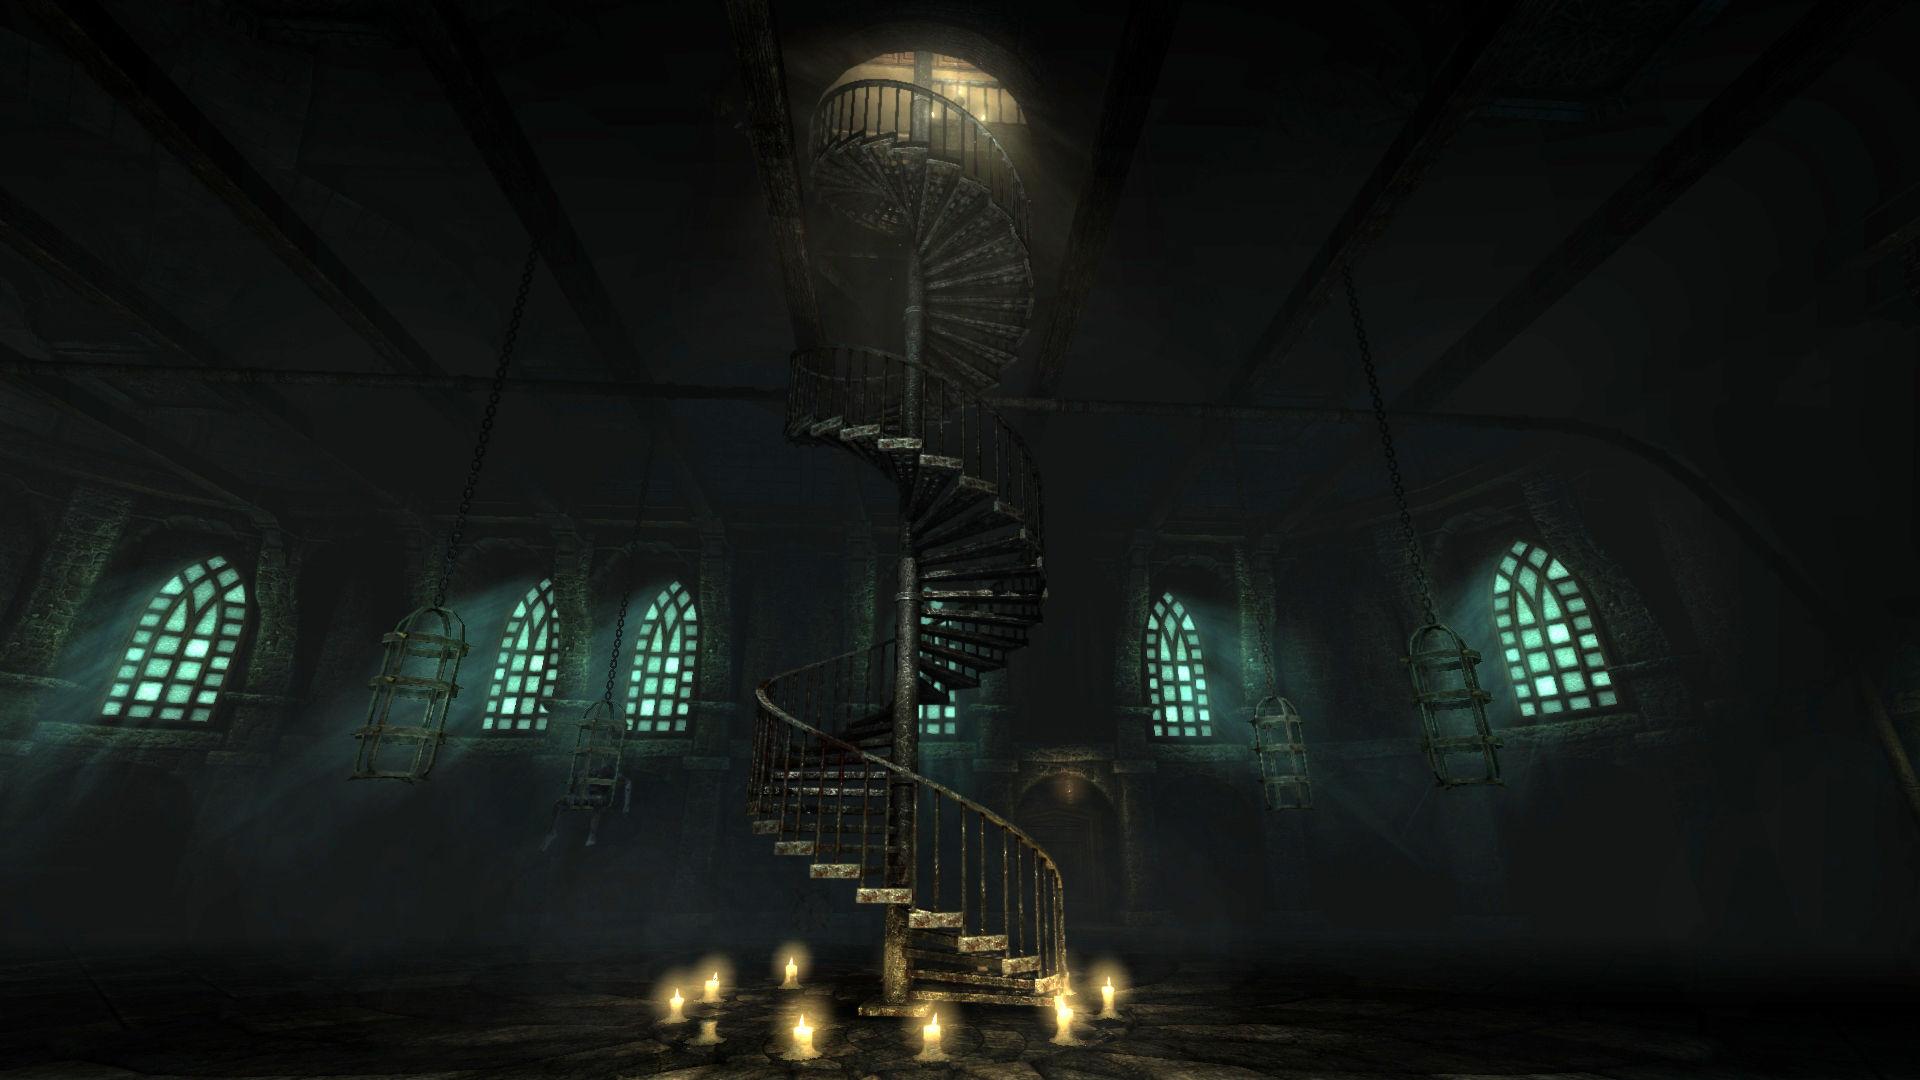 《EDGE》评选21世纪初最具影响力的游戏